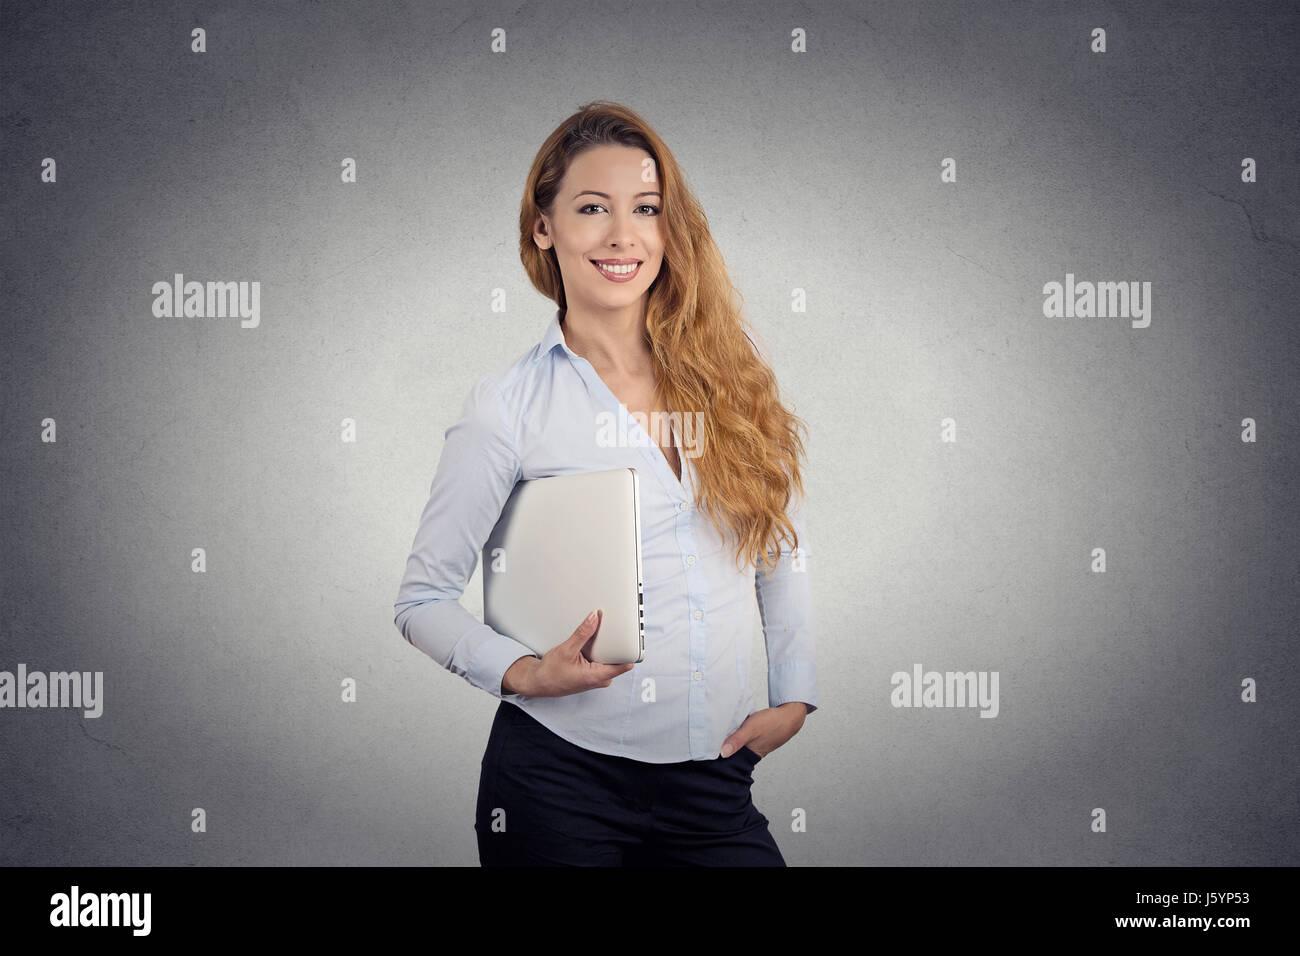 Retrato joven hermosa mujer sosteniendo feliz sonriente portátil que se encuentran aisladas en Office pared Imagen De Stock